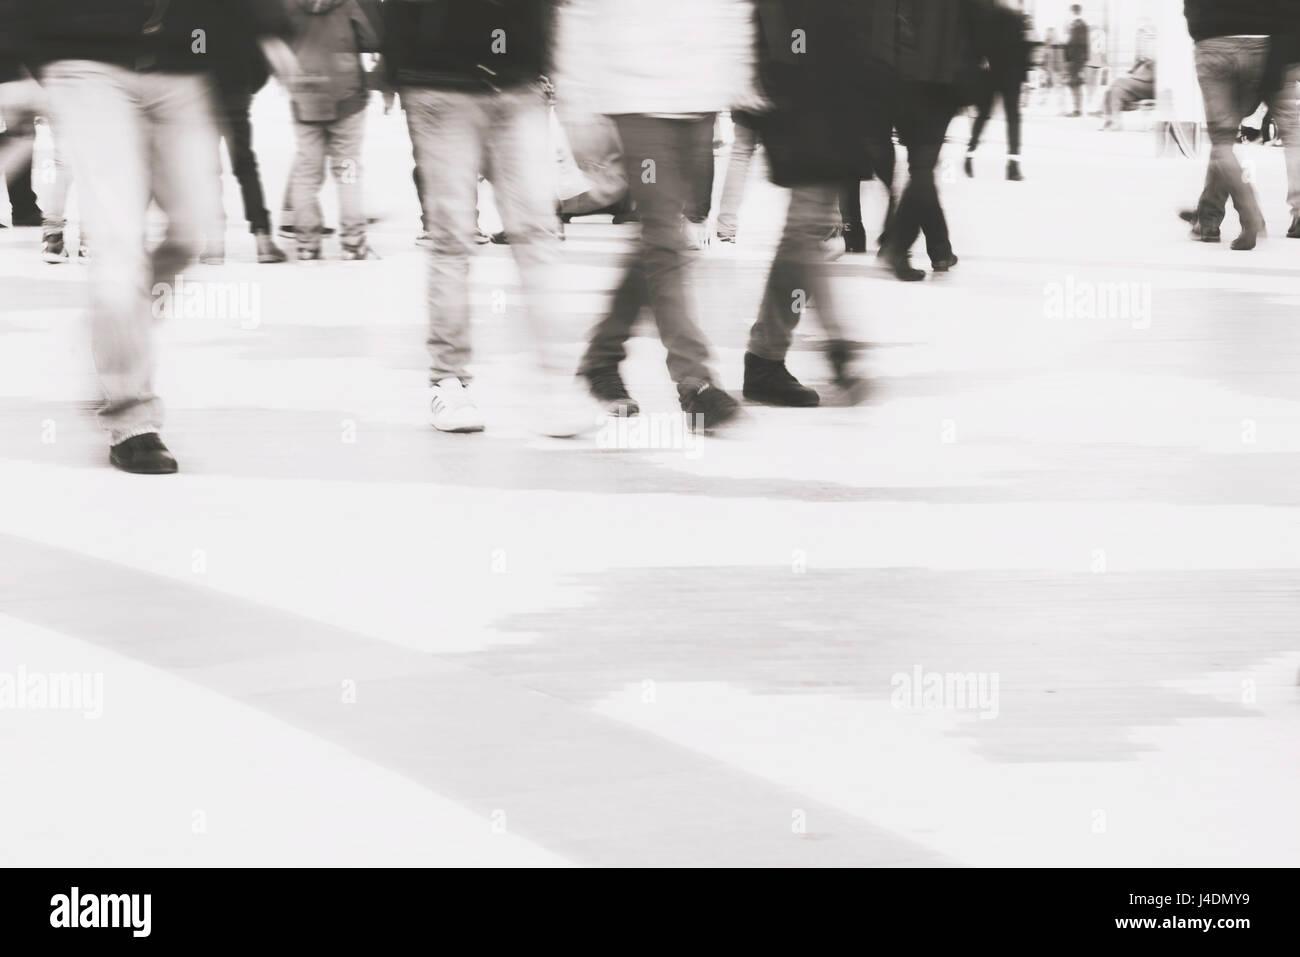 Resumen fondo desenfocado de personas cruzando la calle a zebra Imagen De Stock